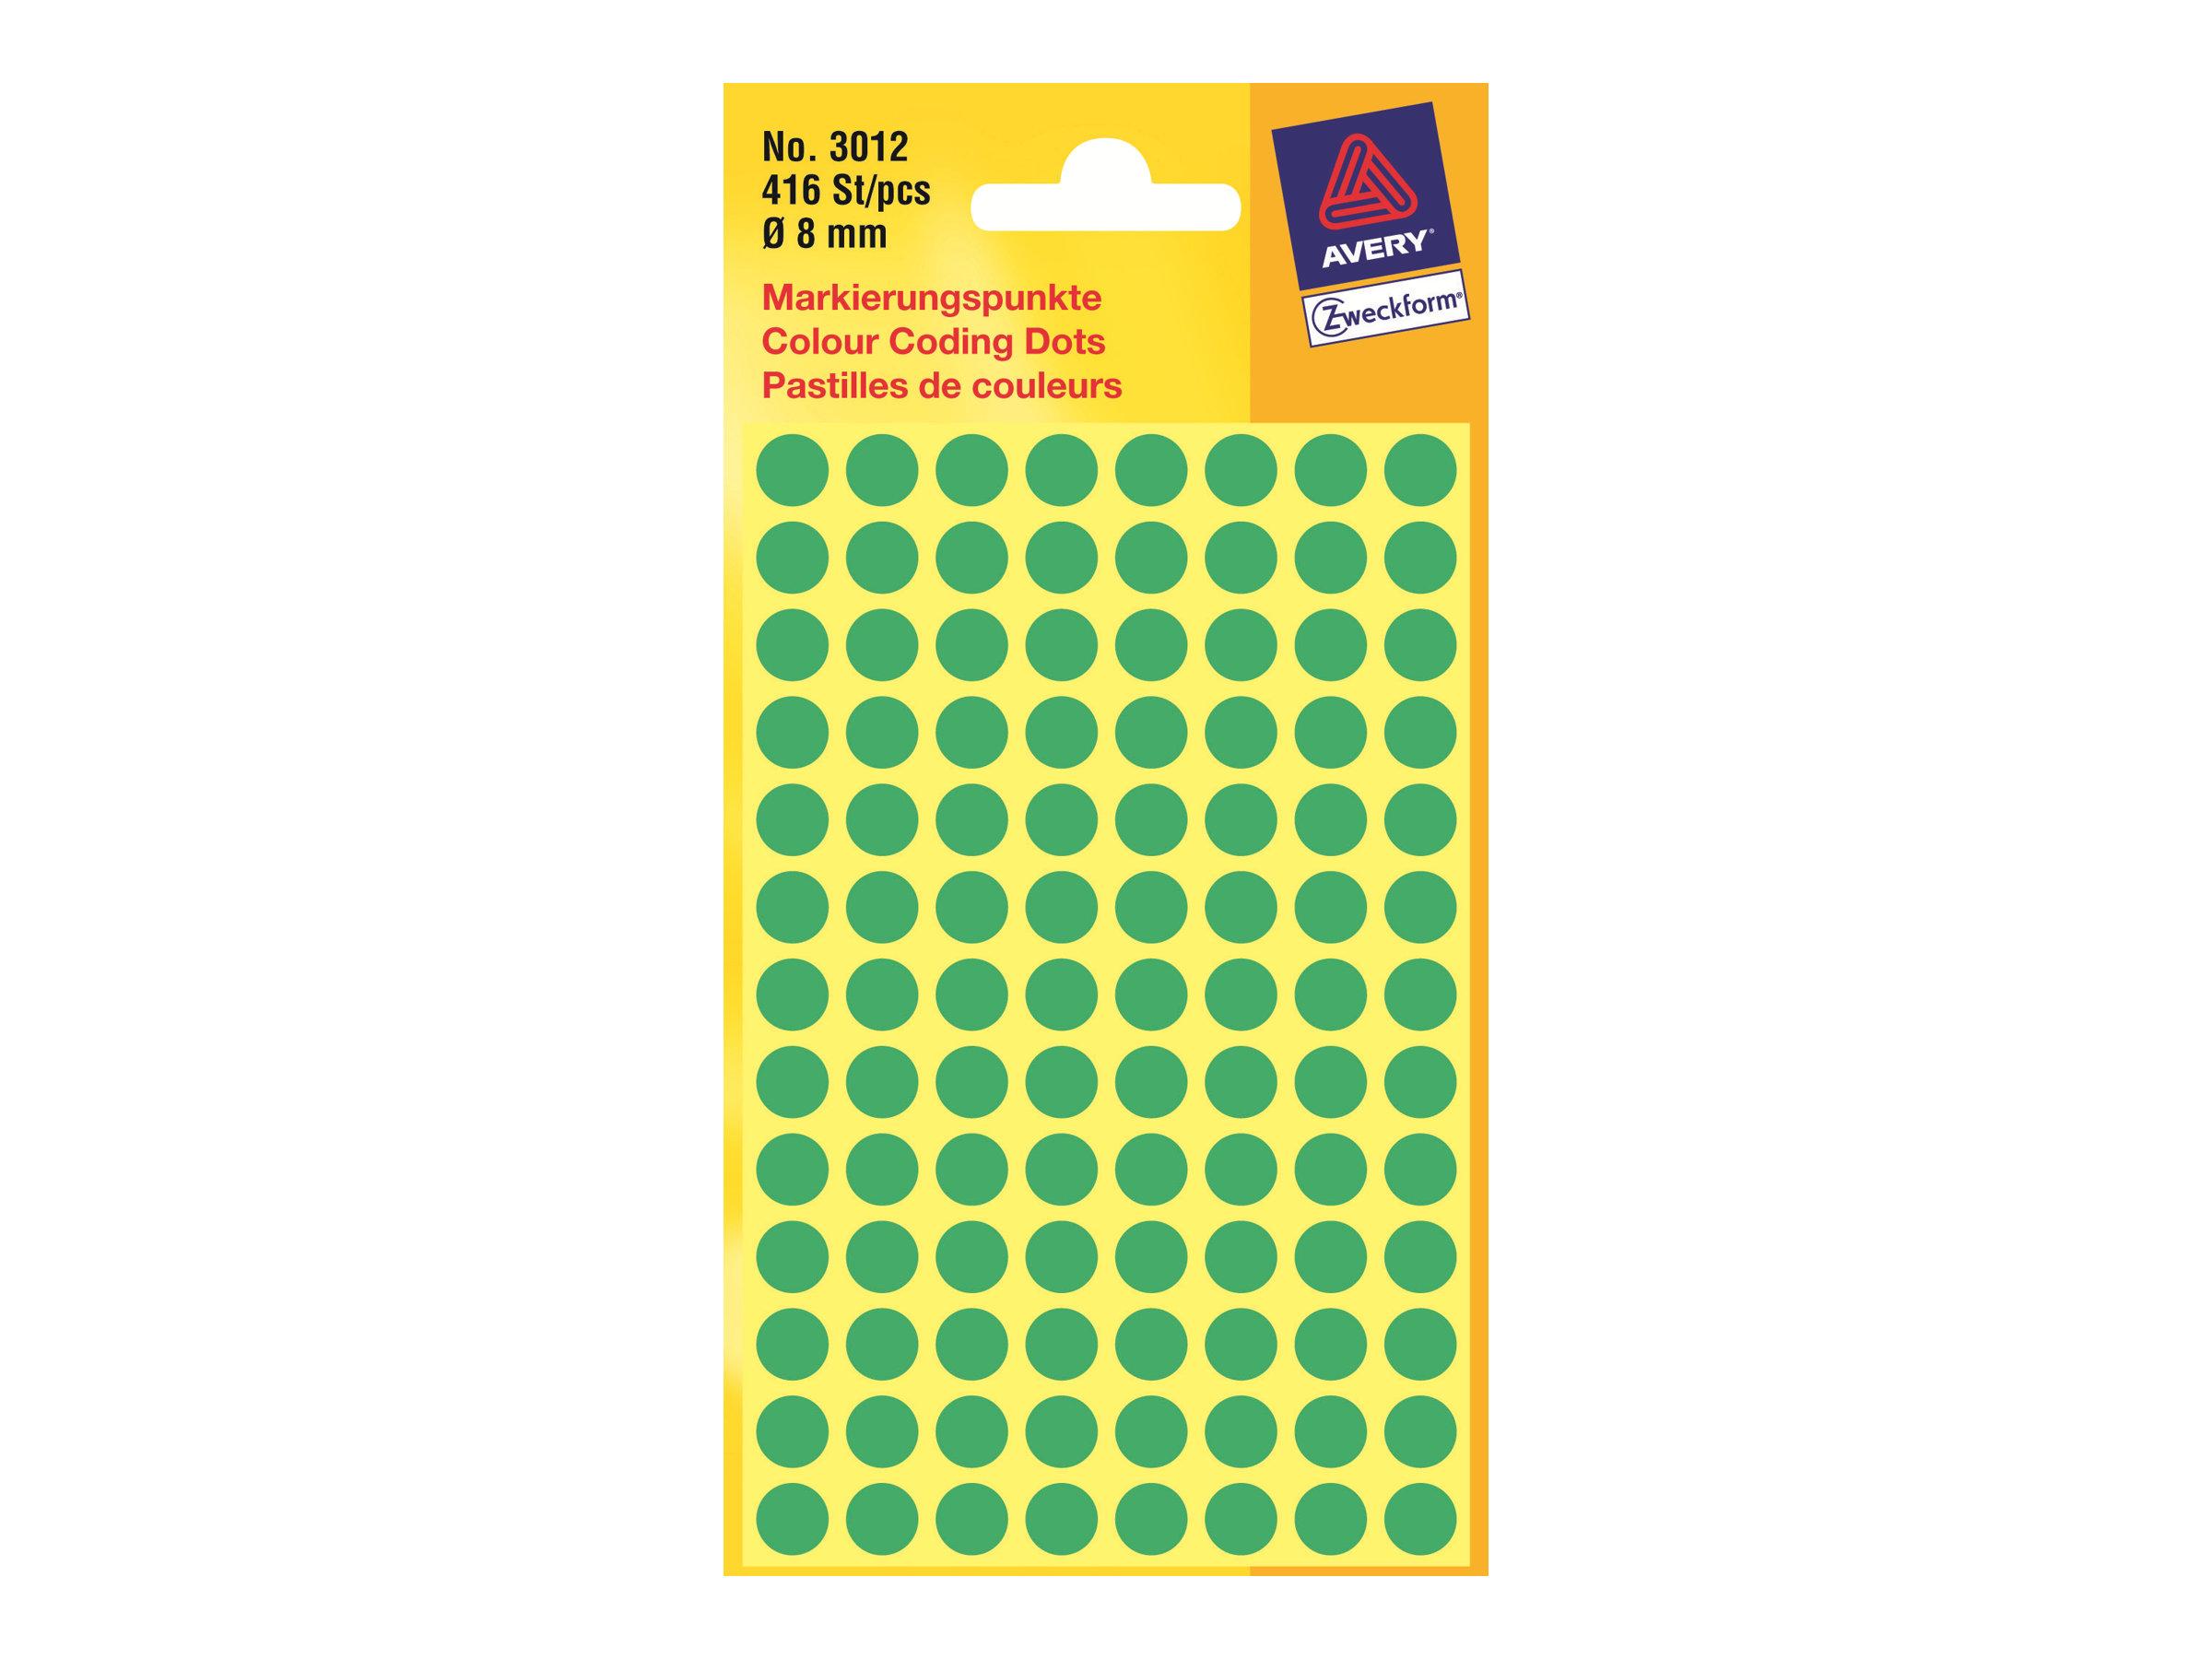 Avery - Grün - 8 mm rund 416 Etikett(en) (4 Bogen x 104) Etiketten